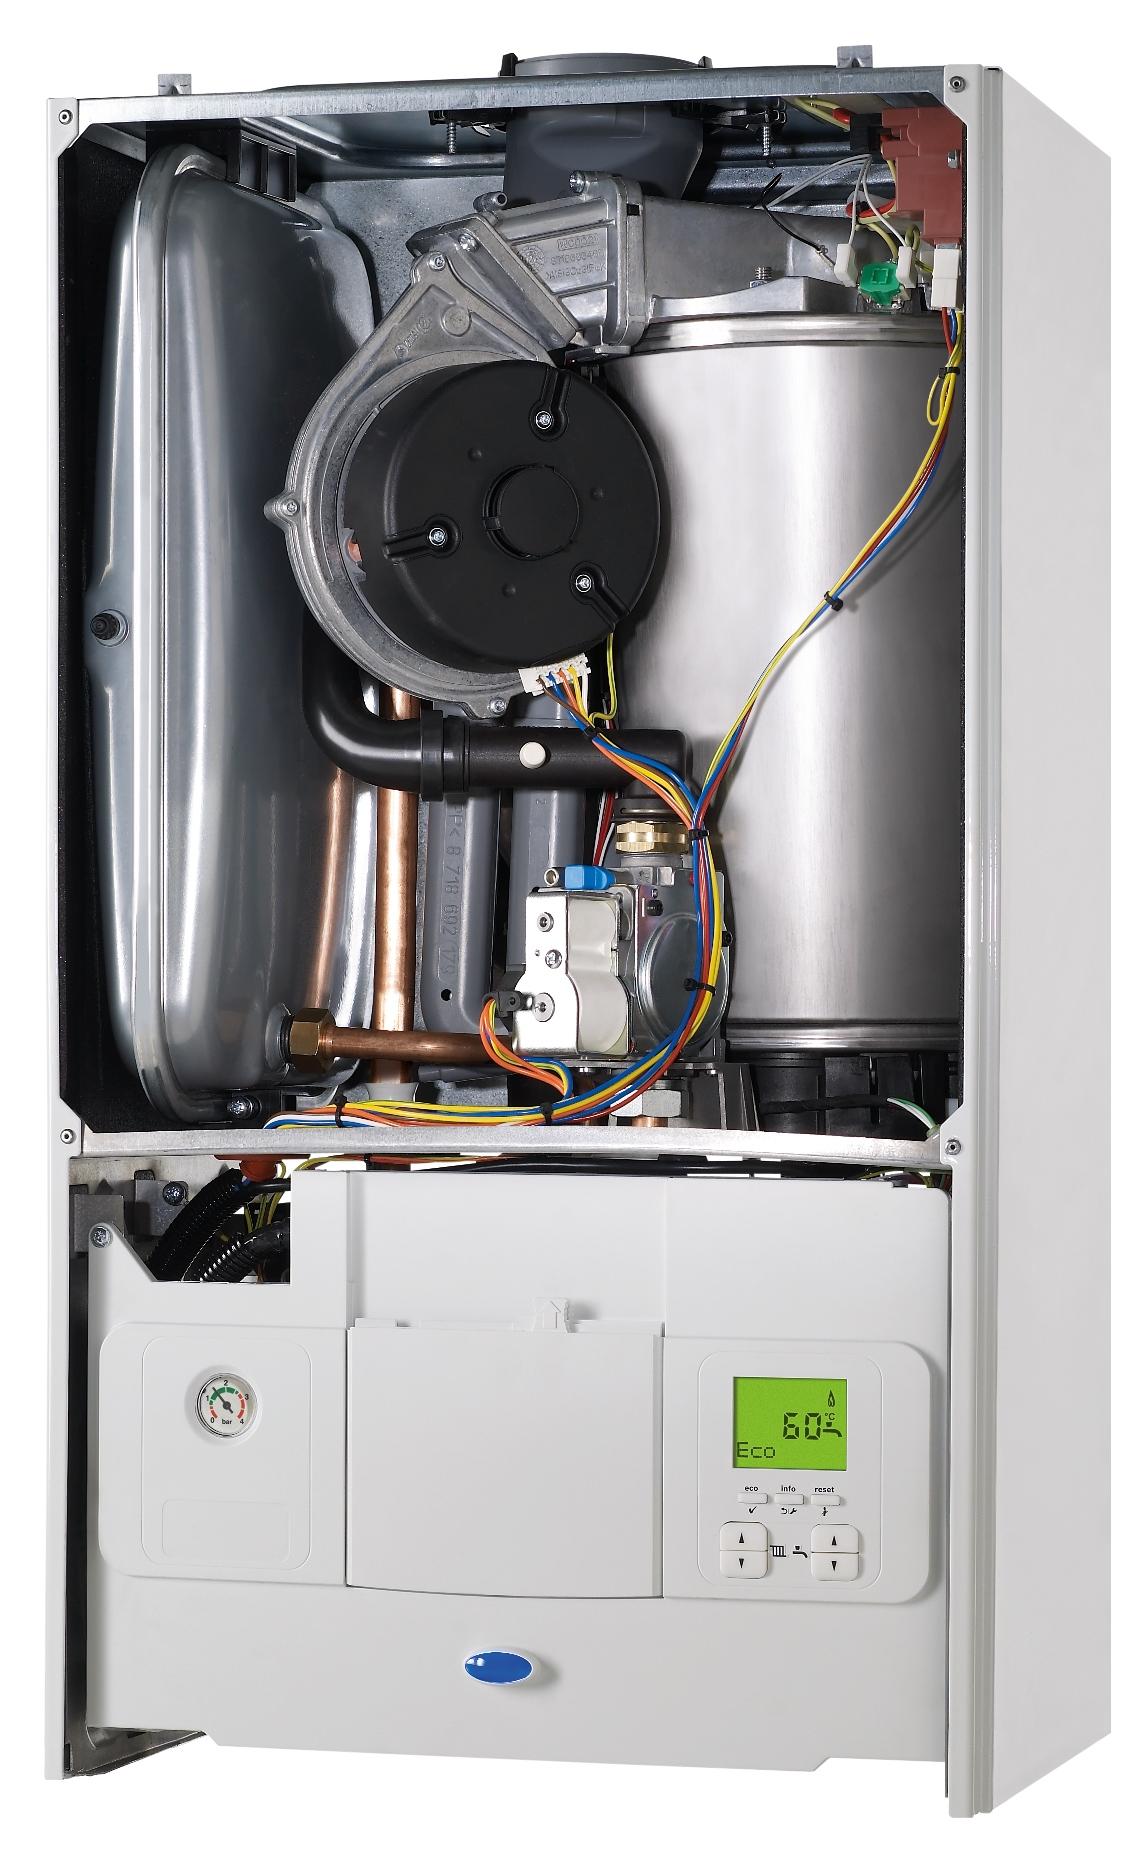 bosch hot water controller manual